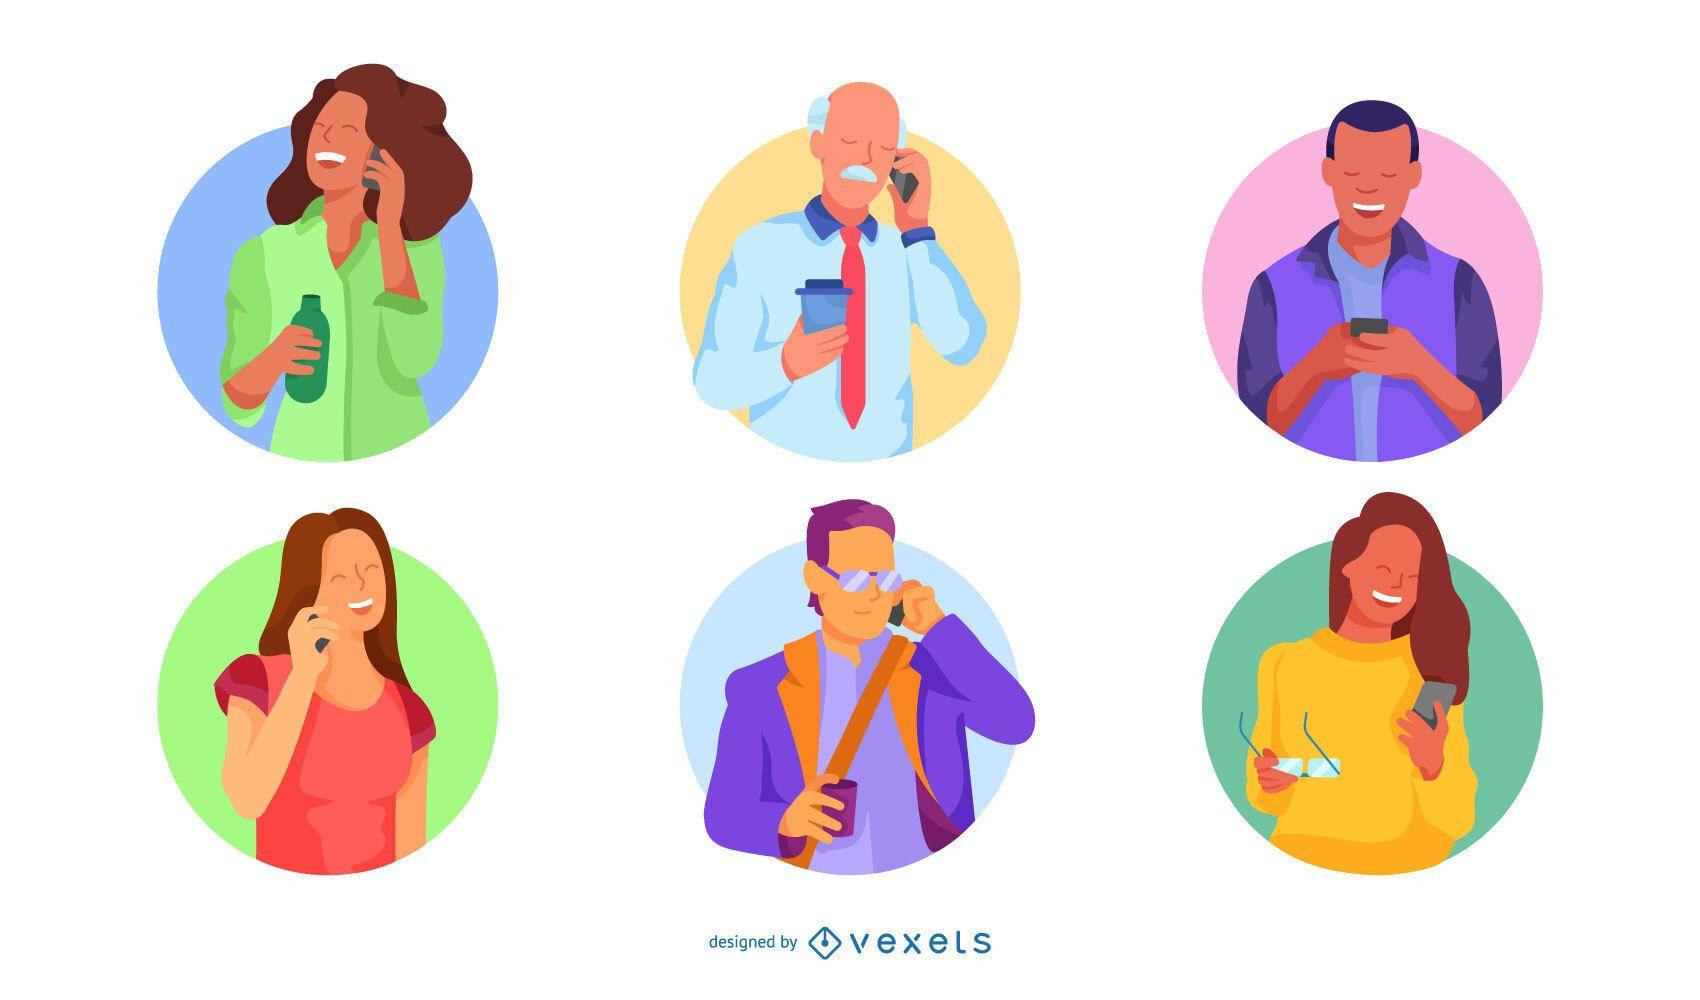 Pacote de caracteres simples para chamadas telefônicas